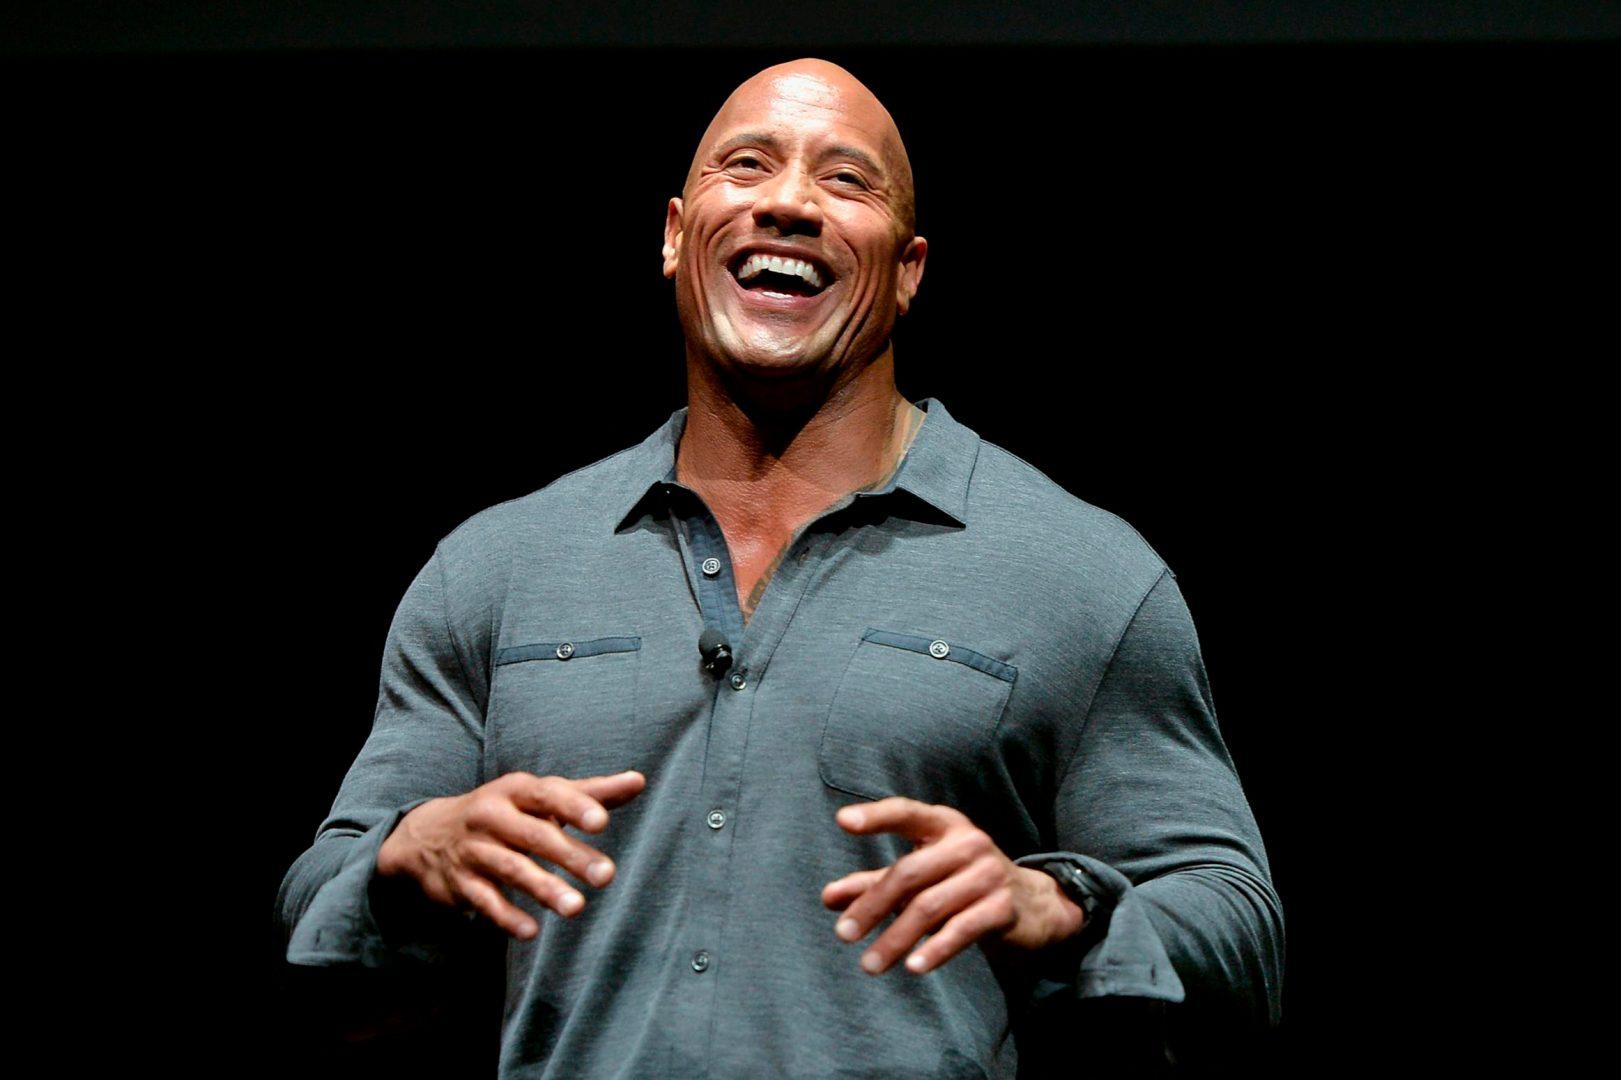 El actor Dwayne Johnson, la roca